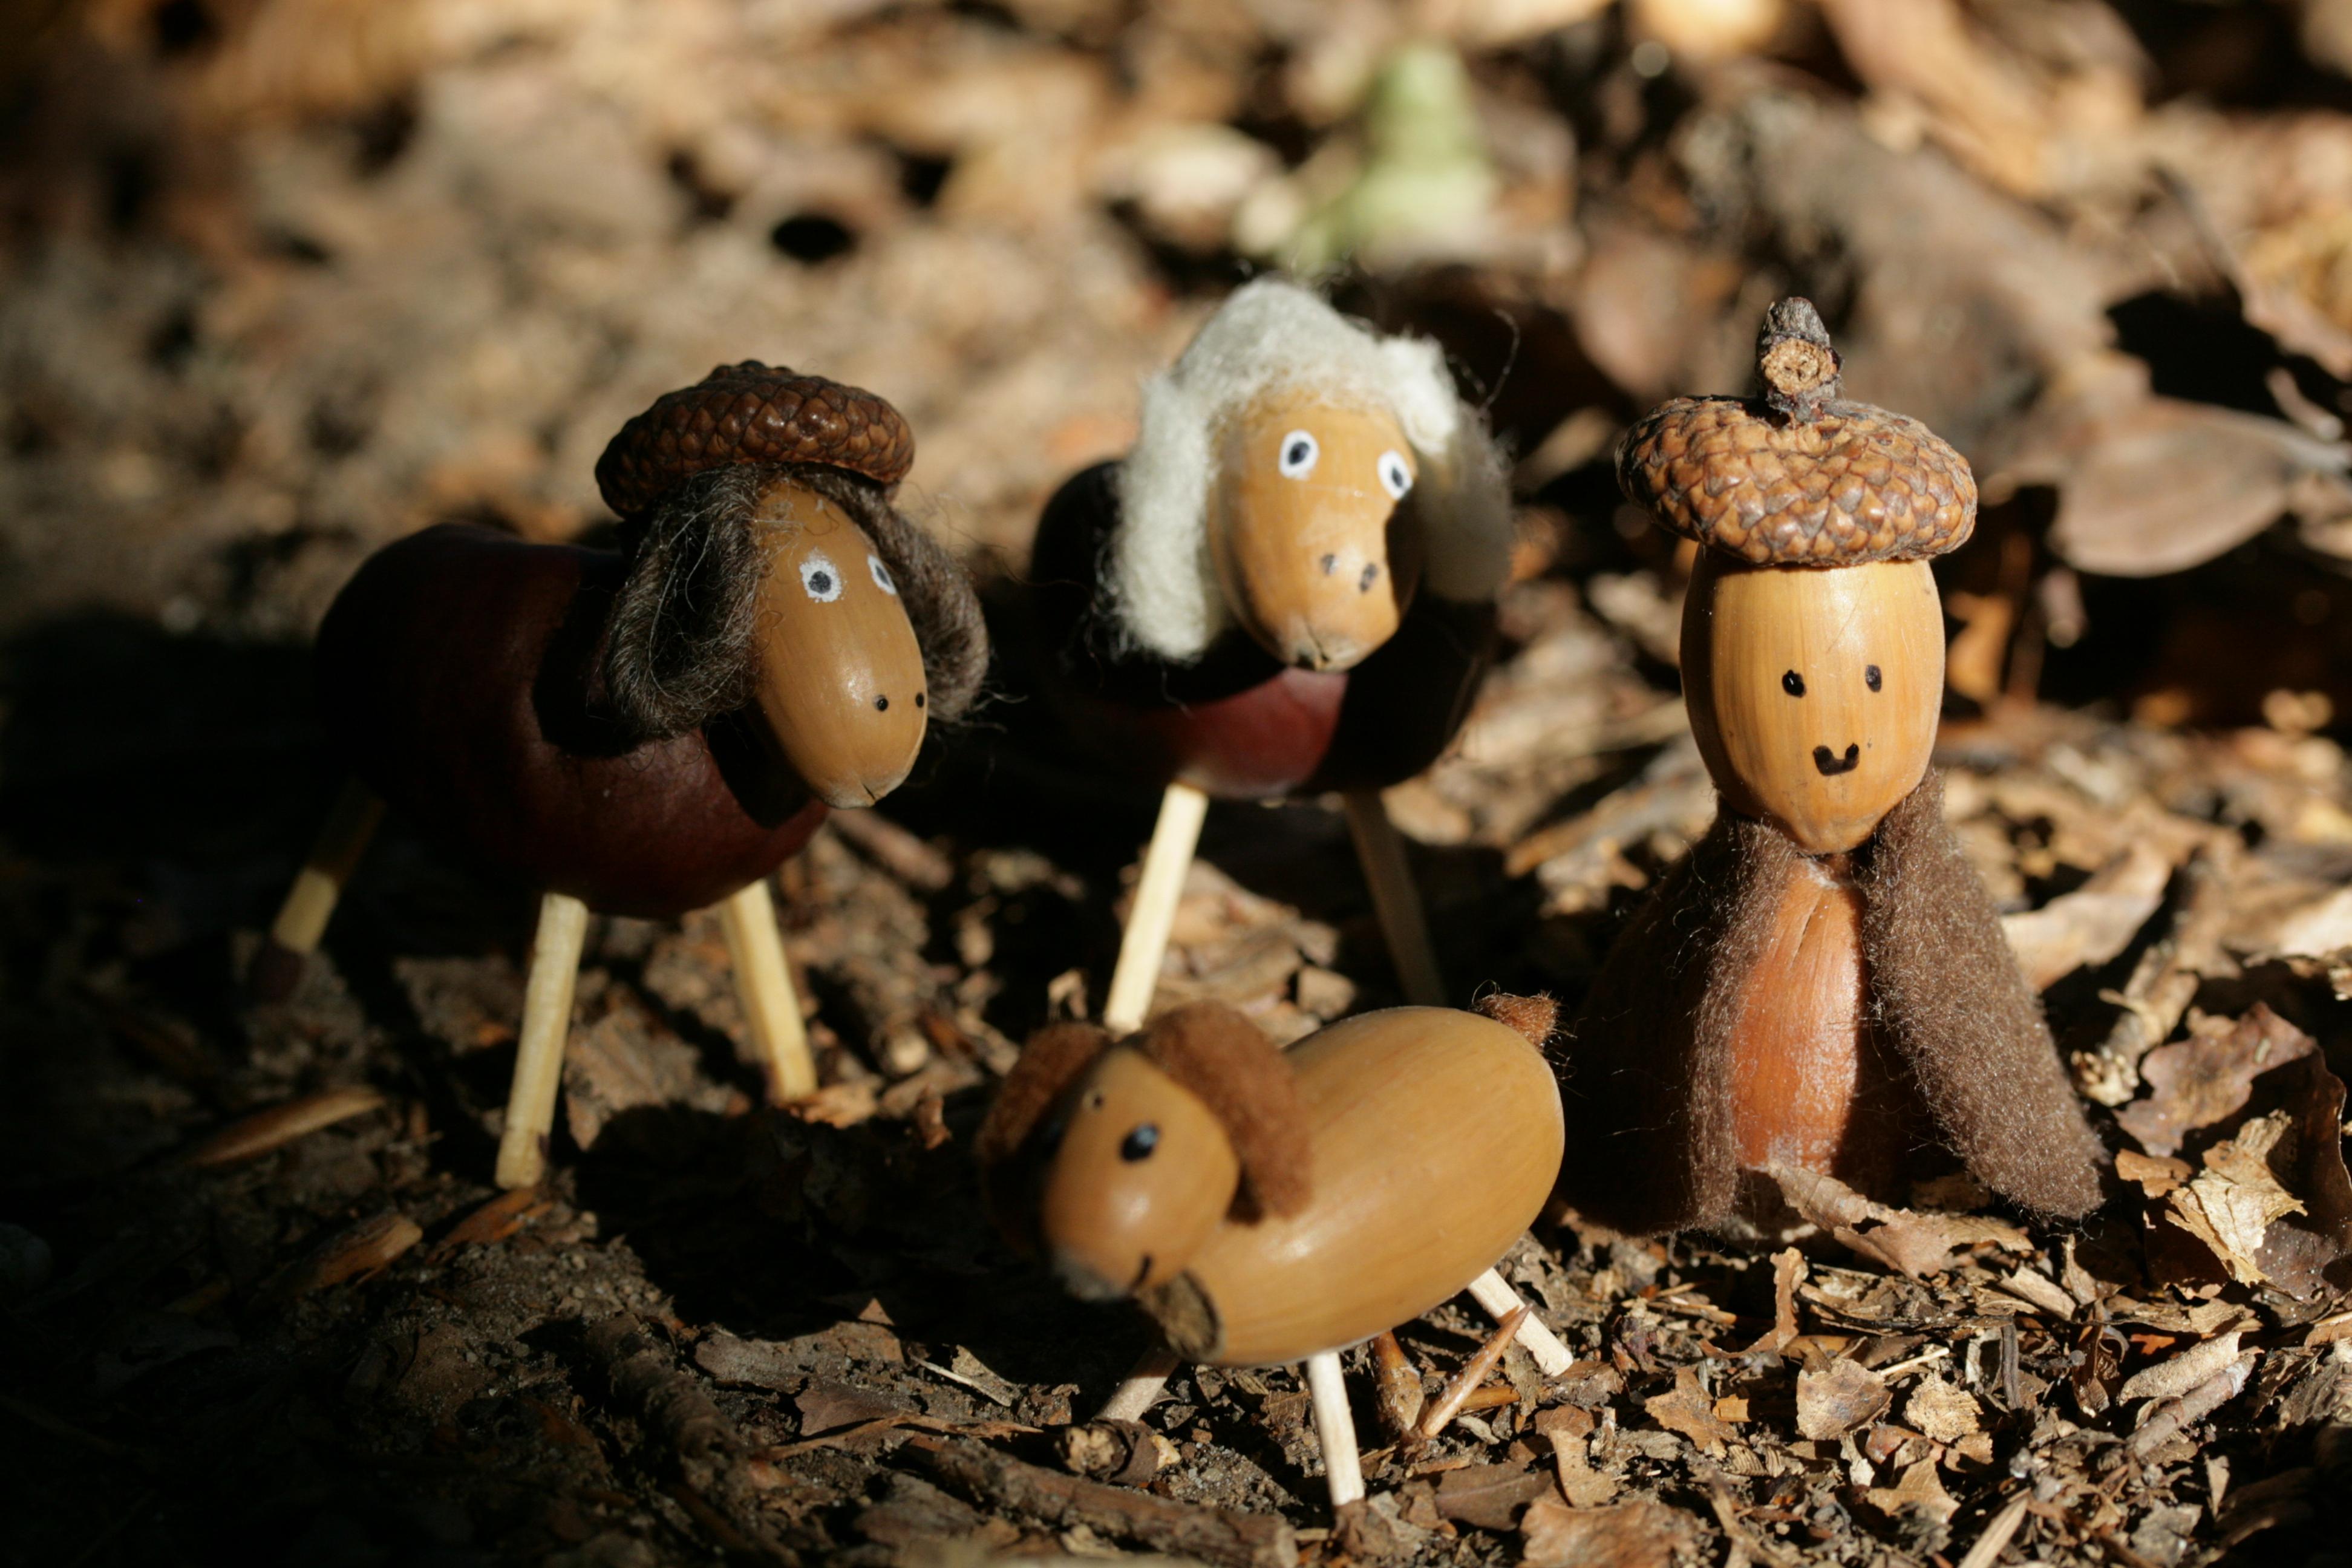 Die zauberhafte Welt der kleinen Wesen. Hier nachgebaut mit Eicheln. Die dazu einladen, die Puppenstube in den Wald zu verlegen.